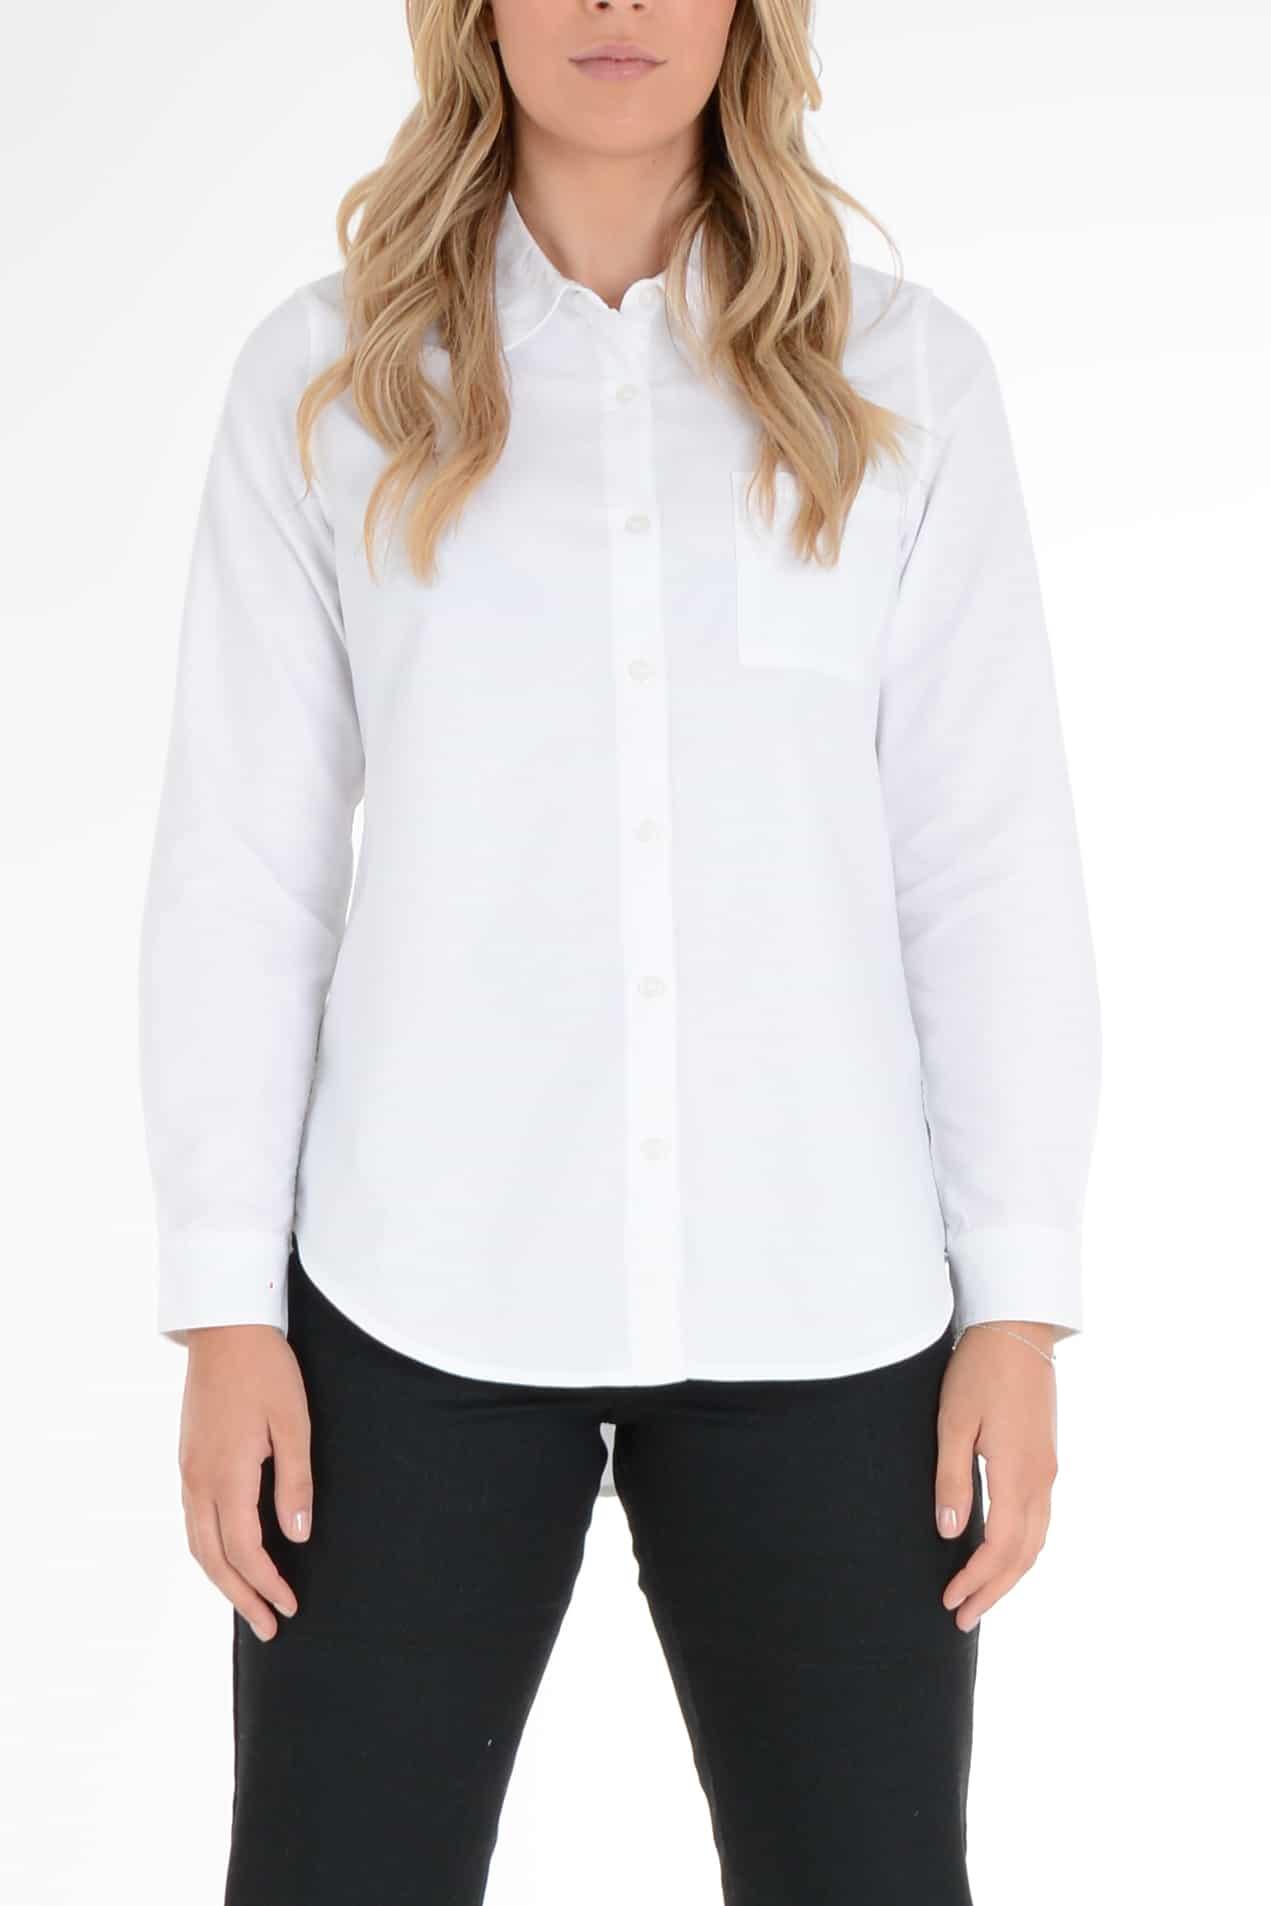 Skyline White – Women's Long Sleeve shirt